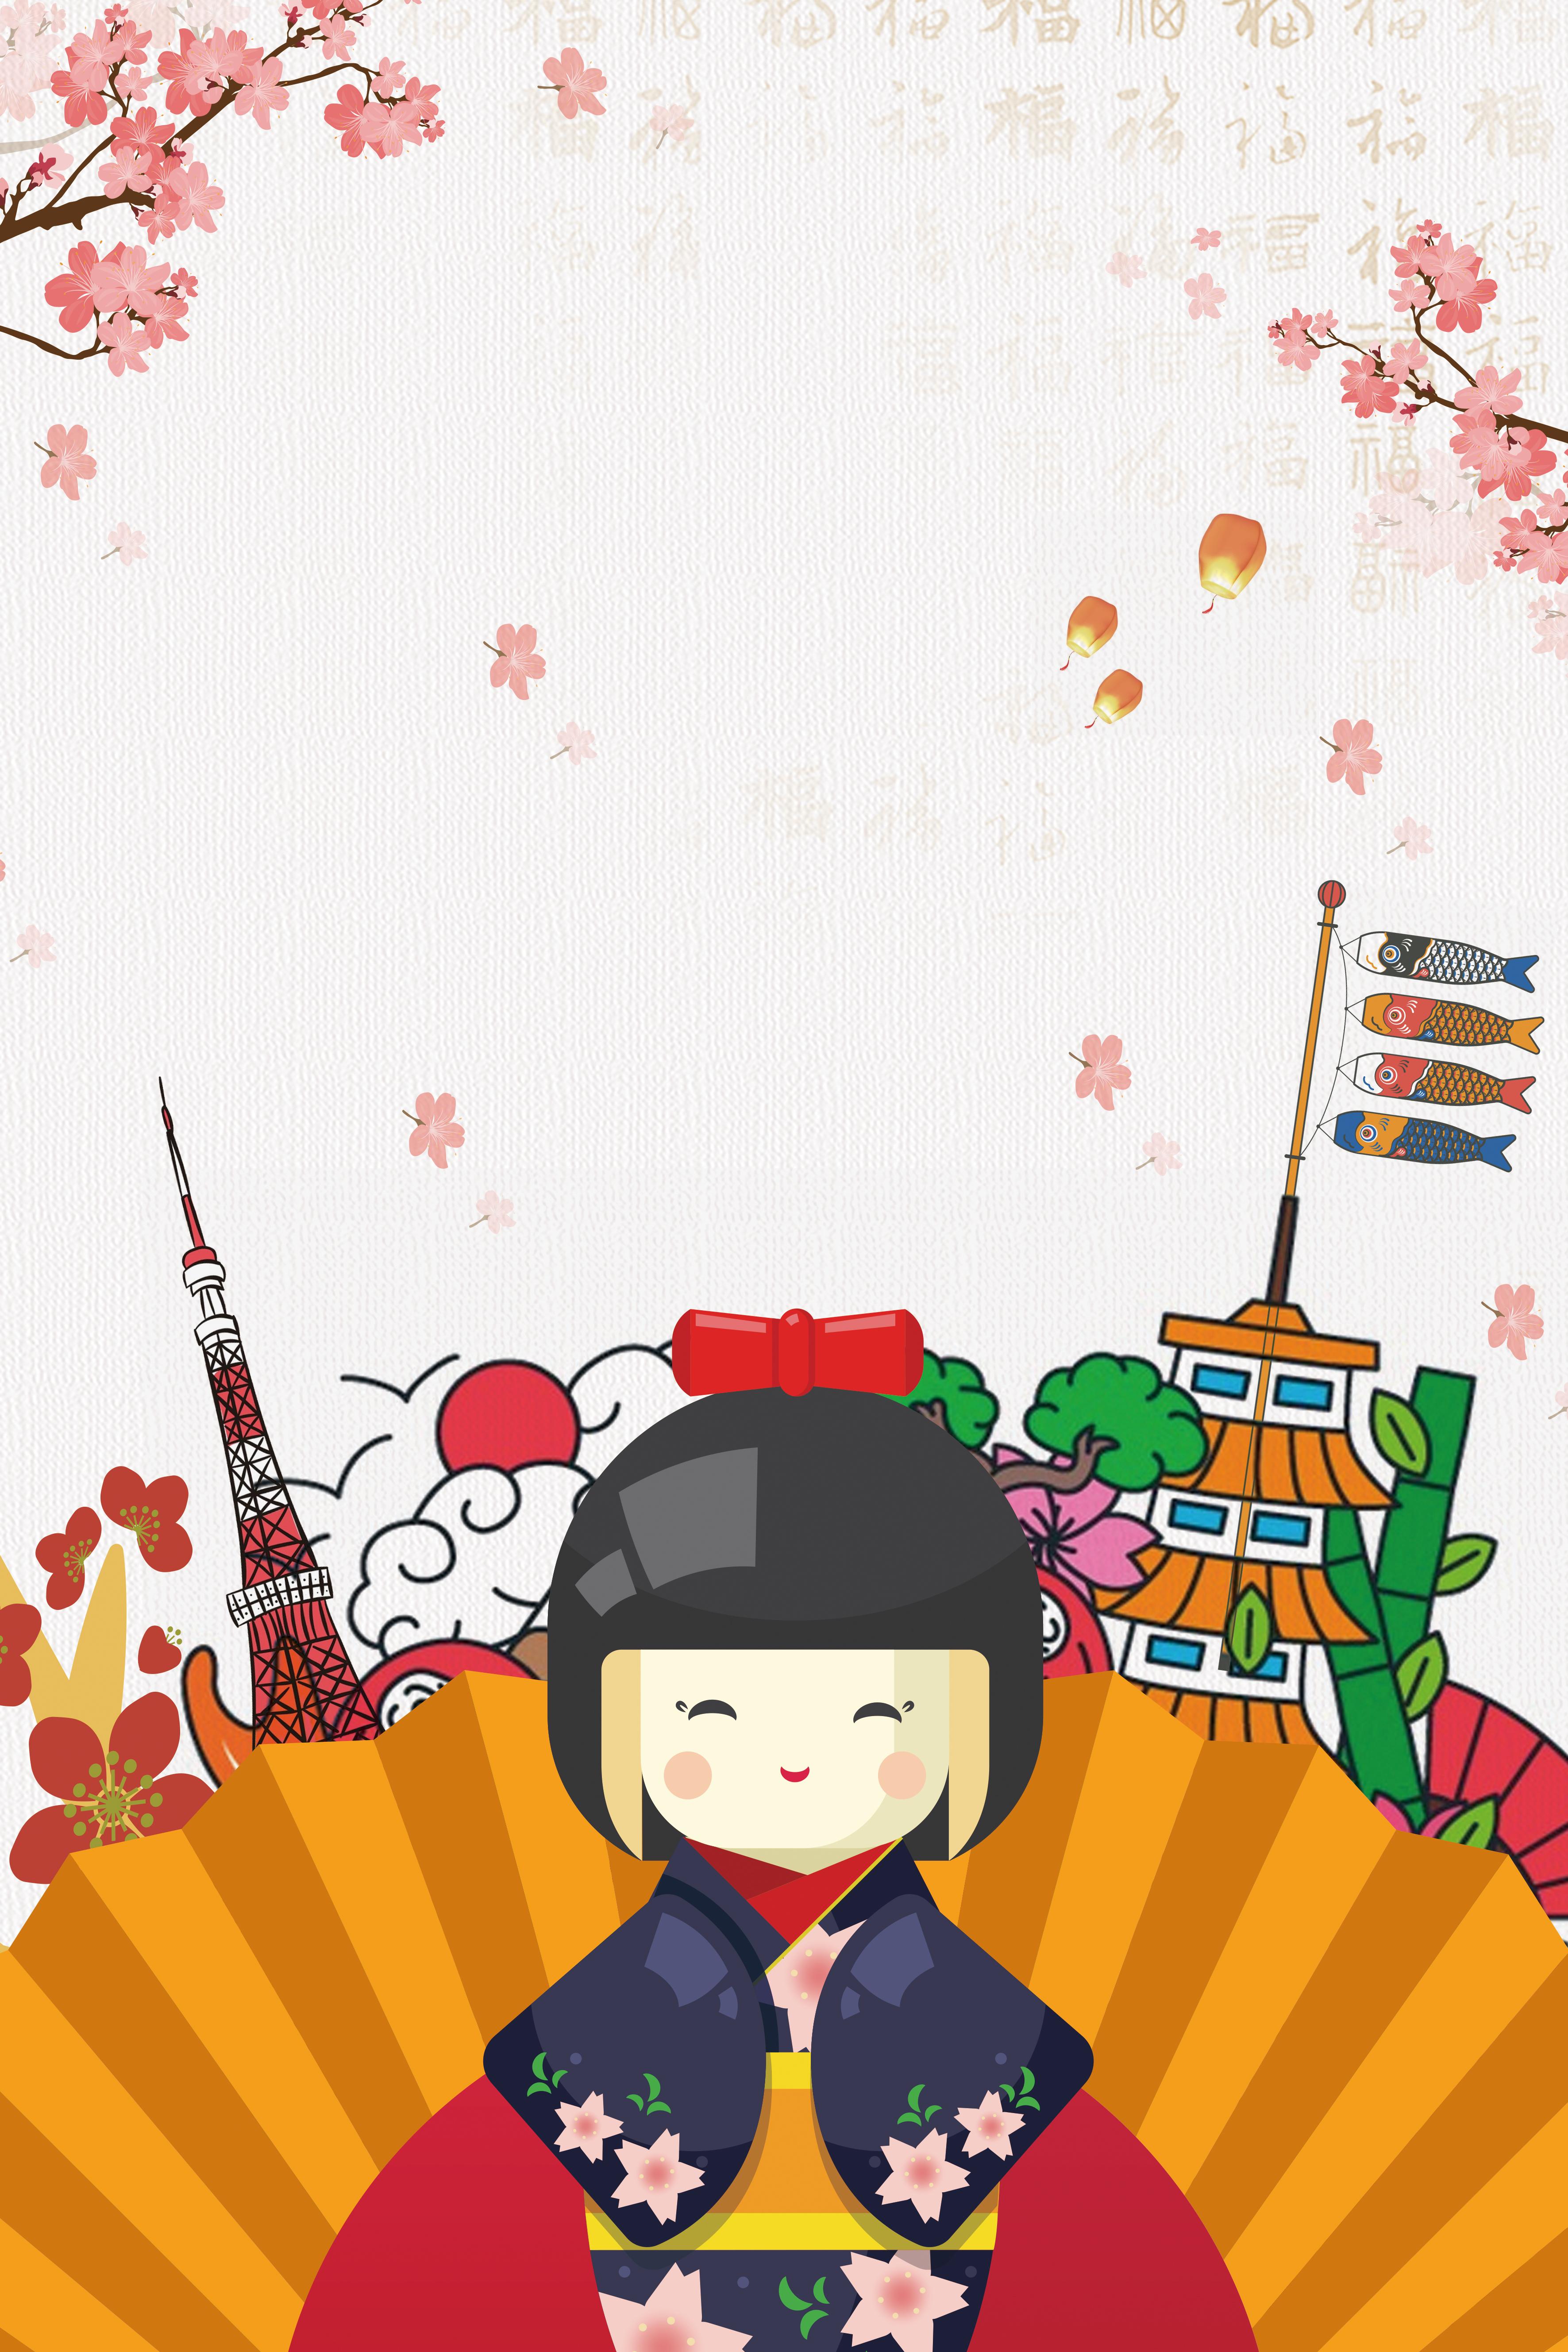 en asie le japon international du tourisme d affiches de la mati u00e8re de fond japonais touristique